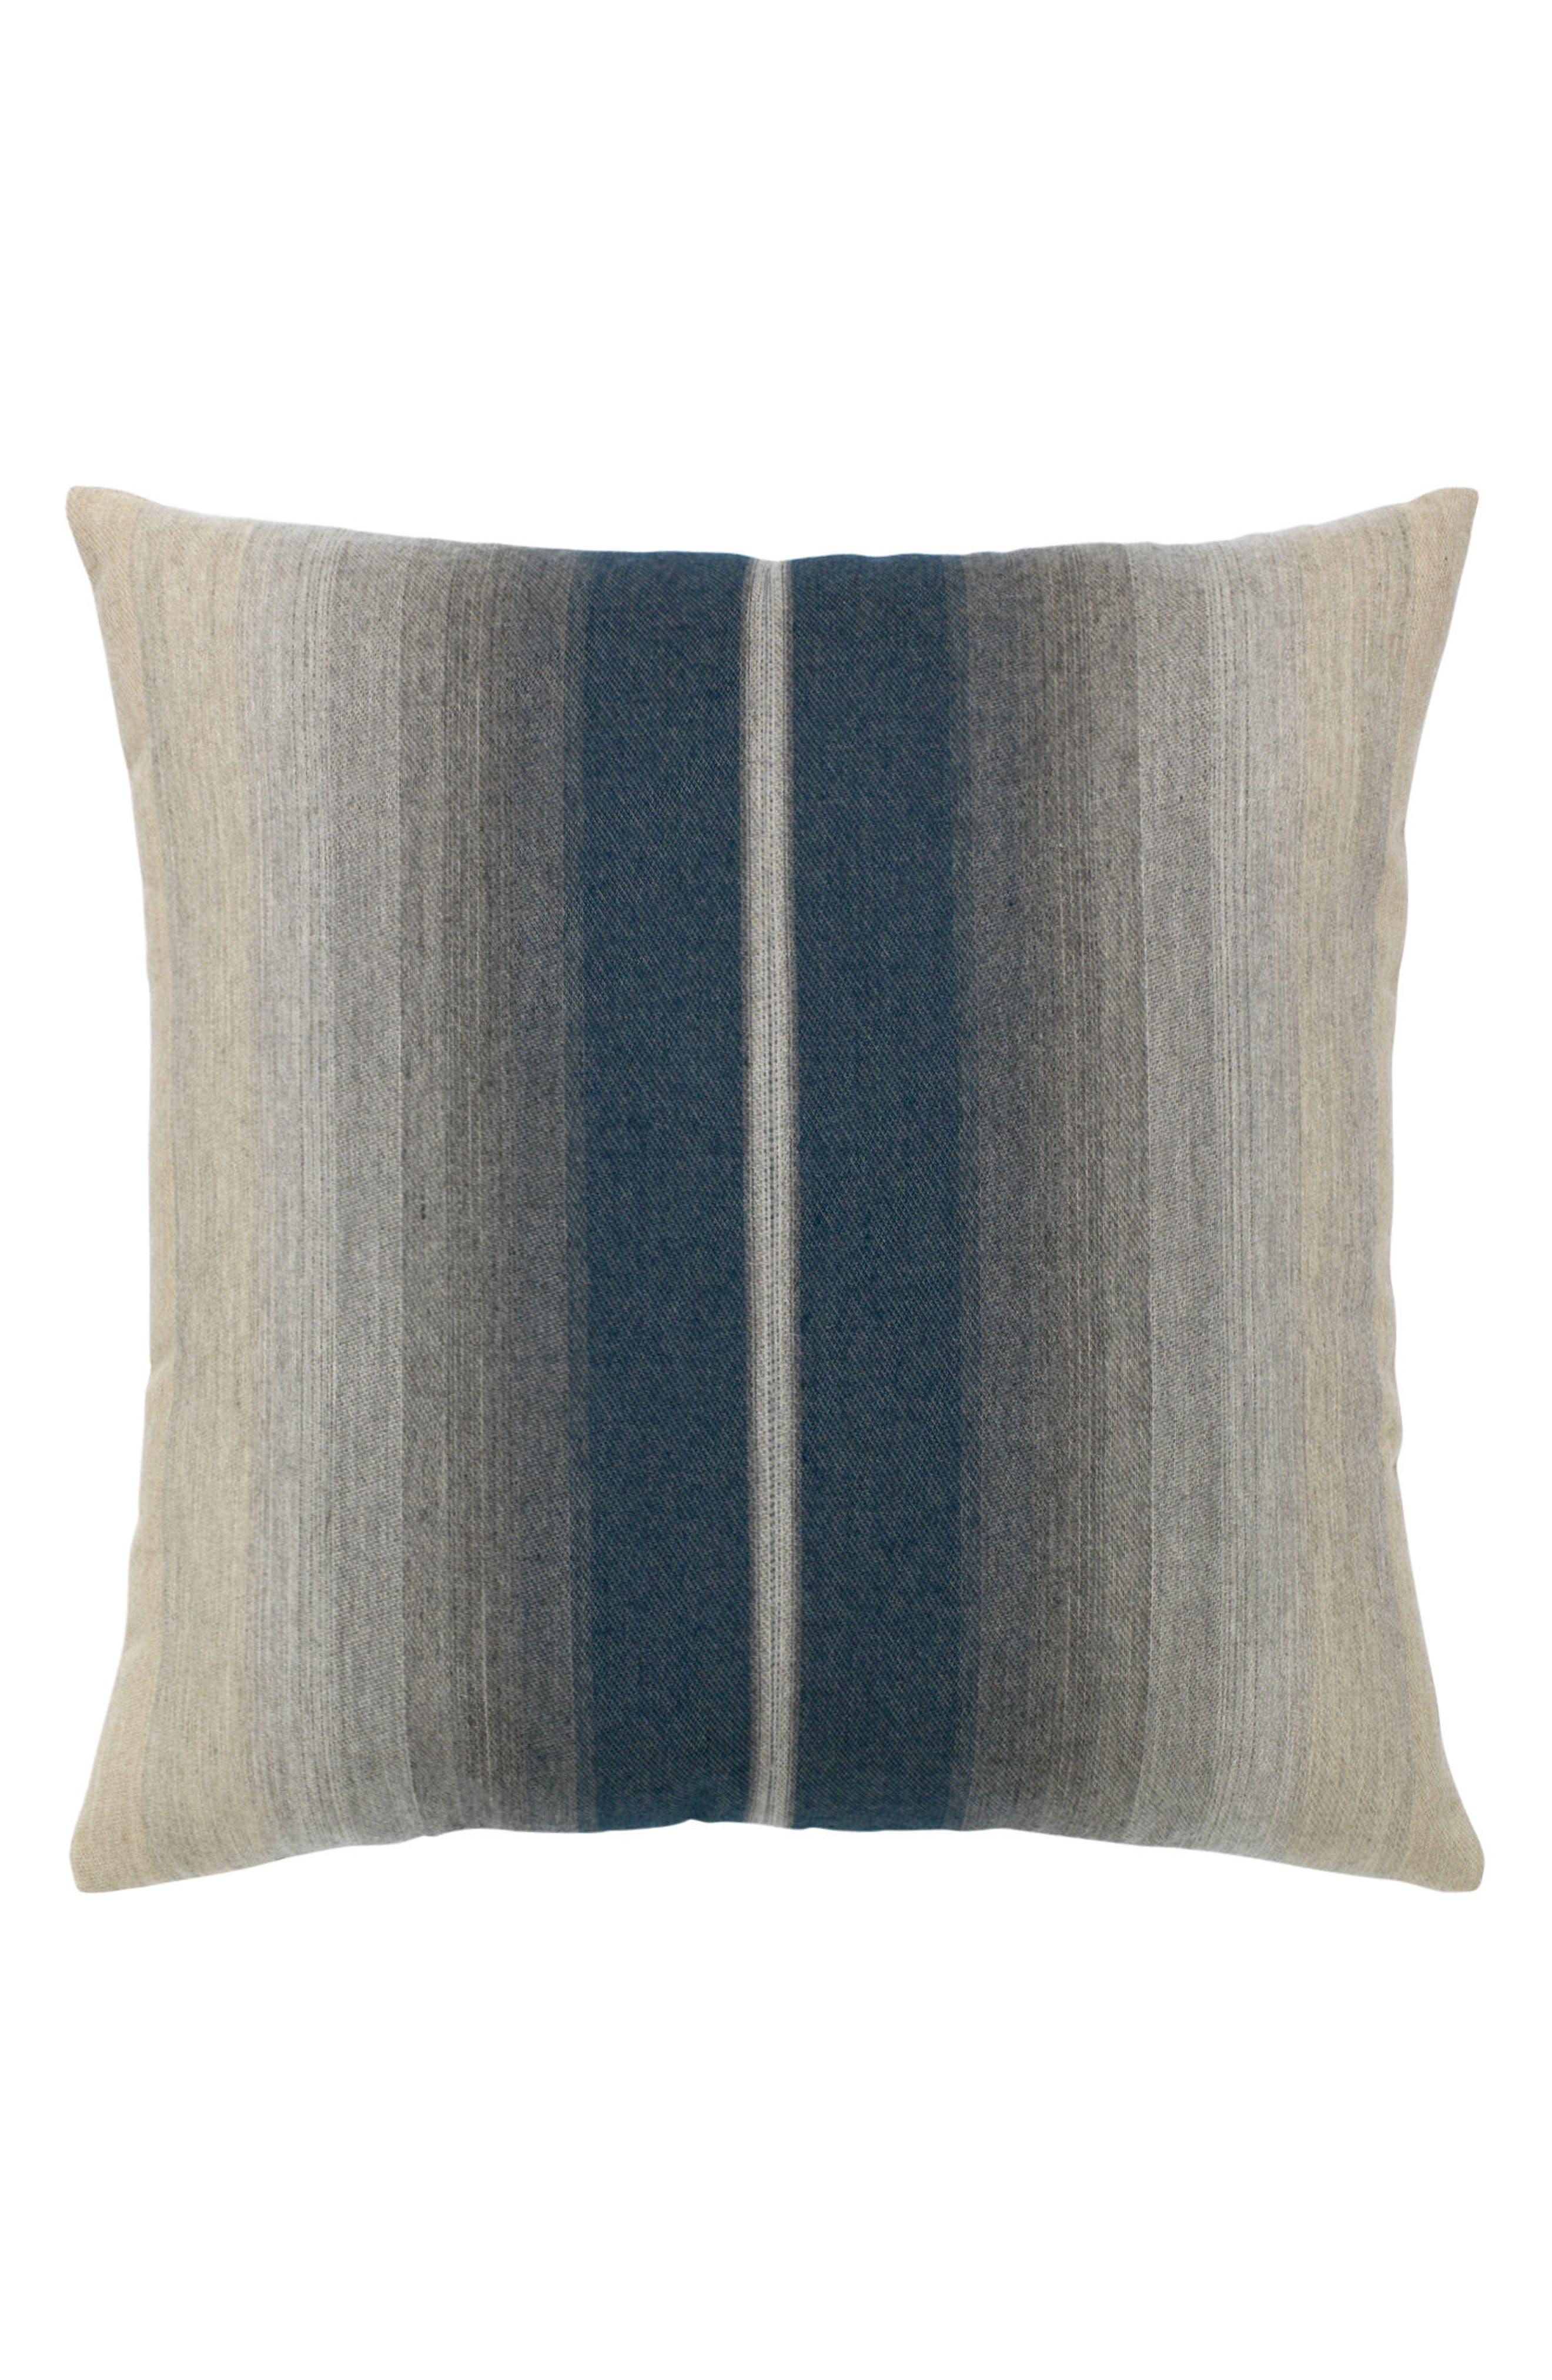 Ombré Indigo Indoor/Outdoor Accent Pillow,                             Main thumbnail 1, color,                             BLUE/ GREY